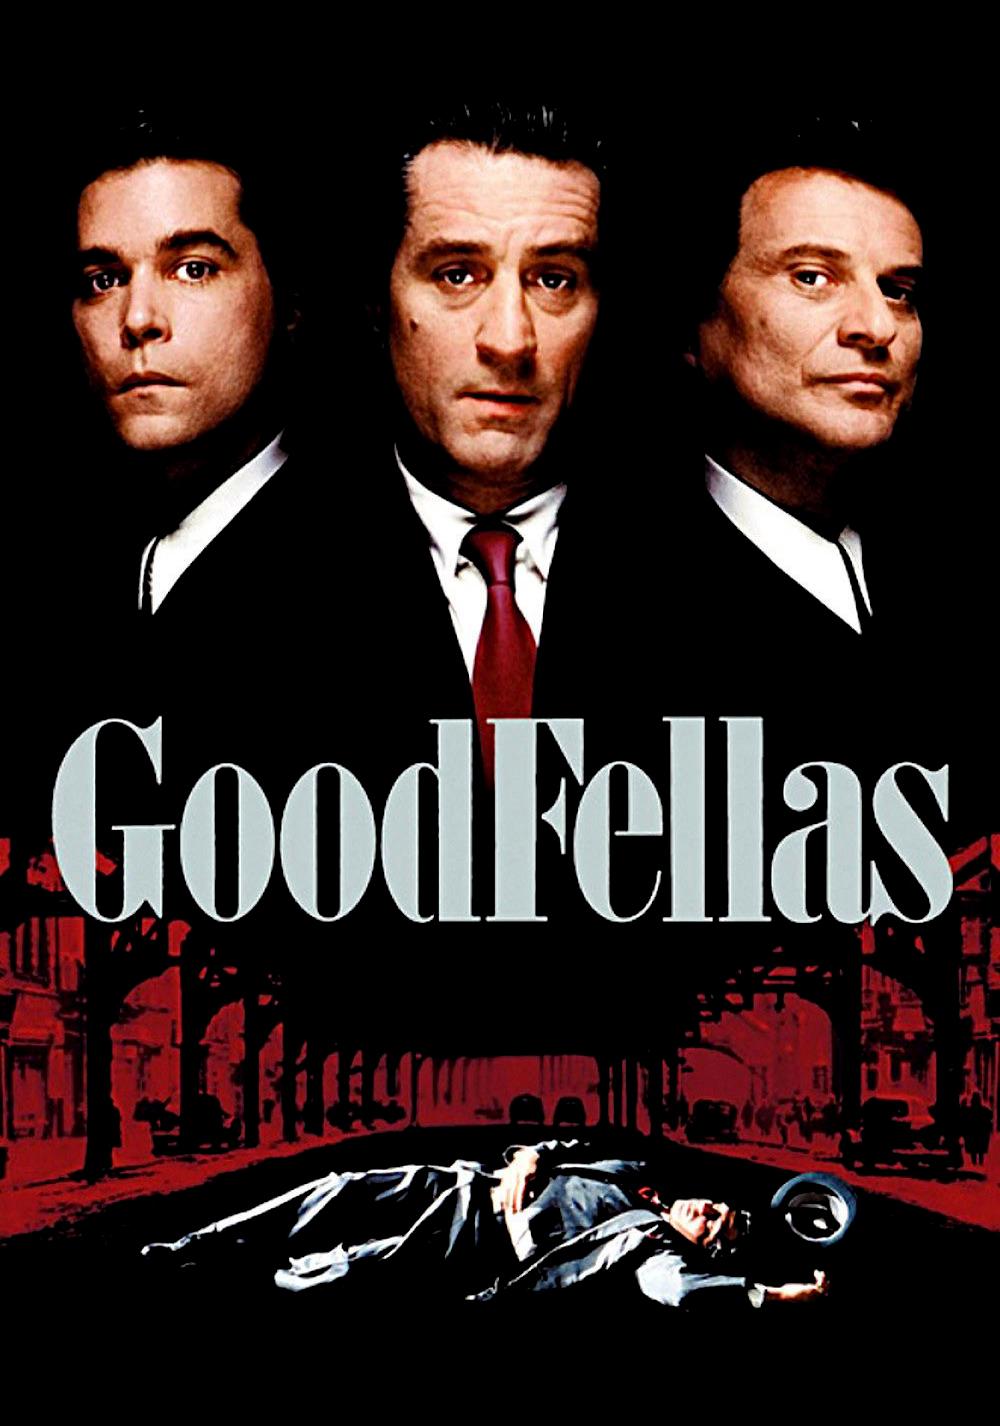 goodfellas-56dc074f56dd7.jpg